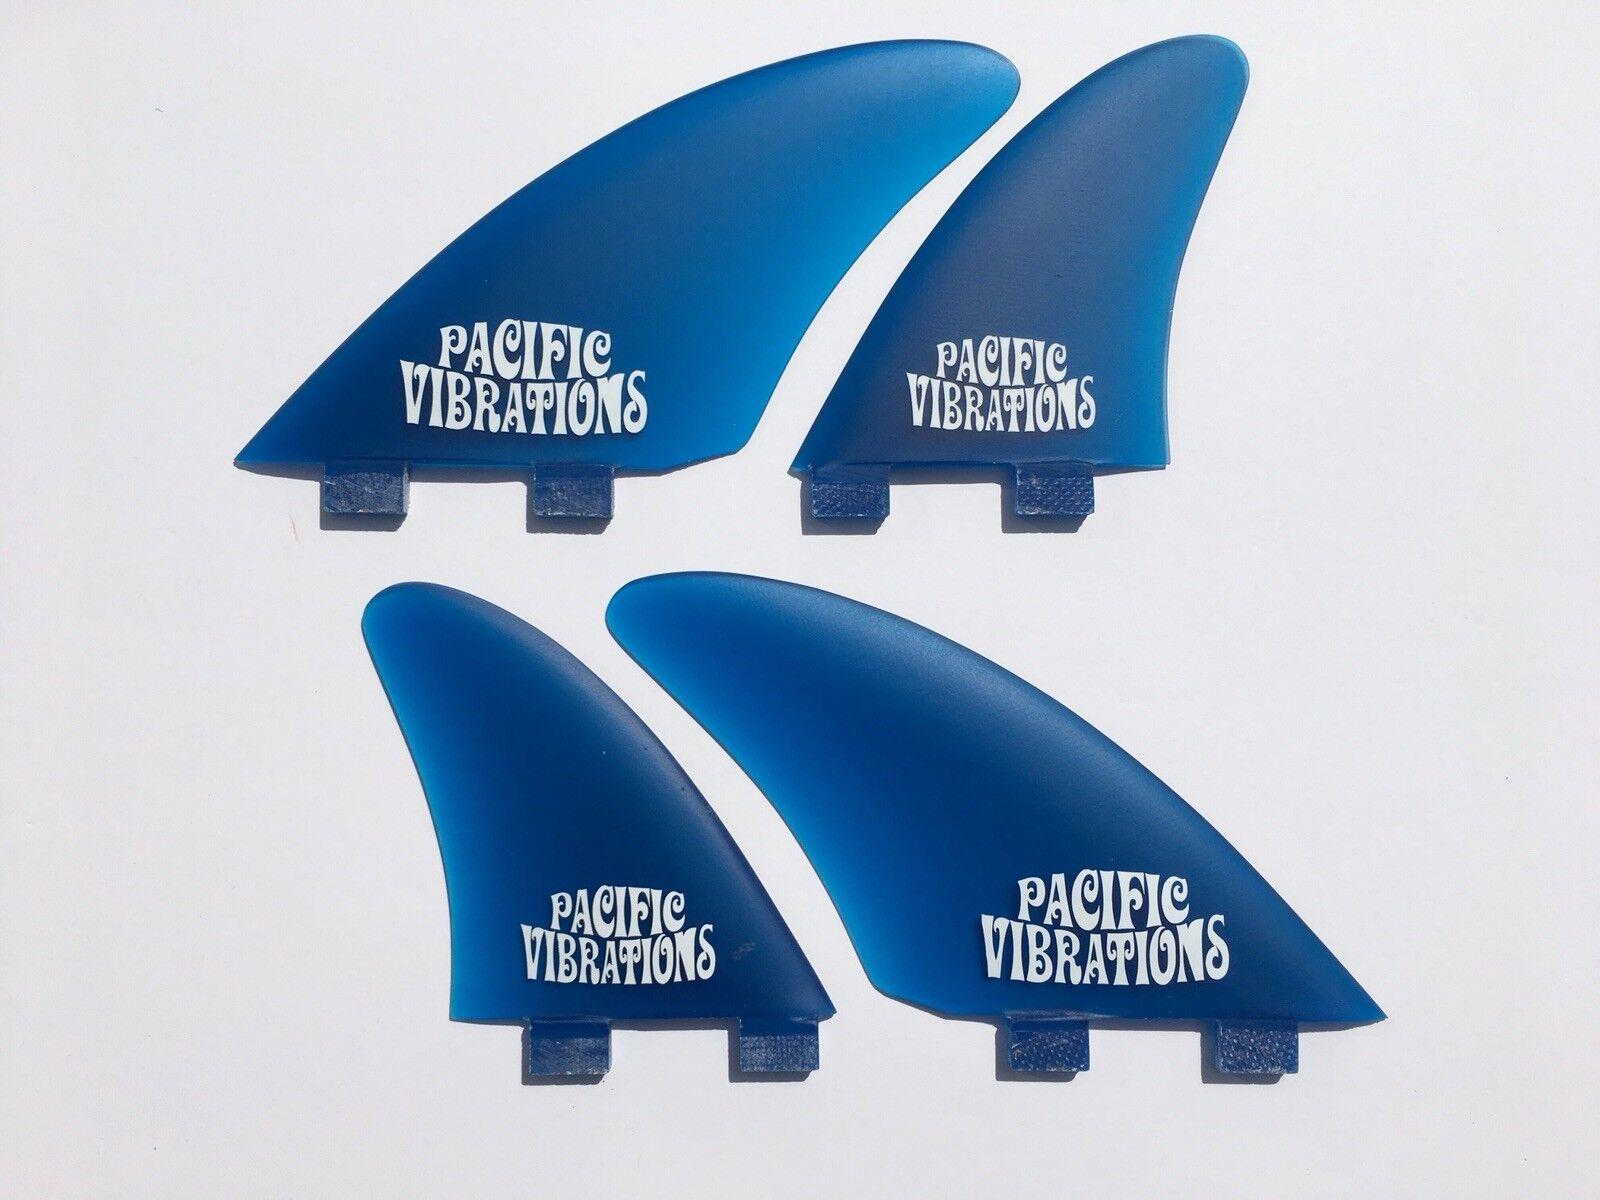 Pacific Vibrations Tavola da Surf Pinne Fcs